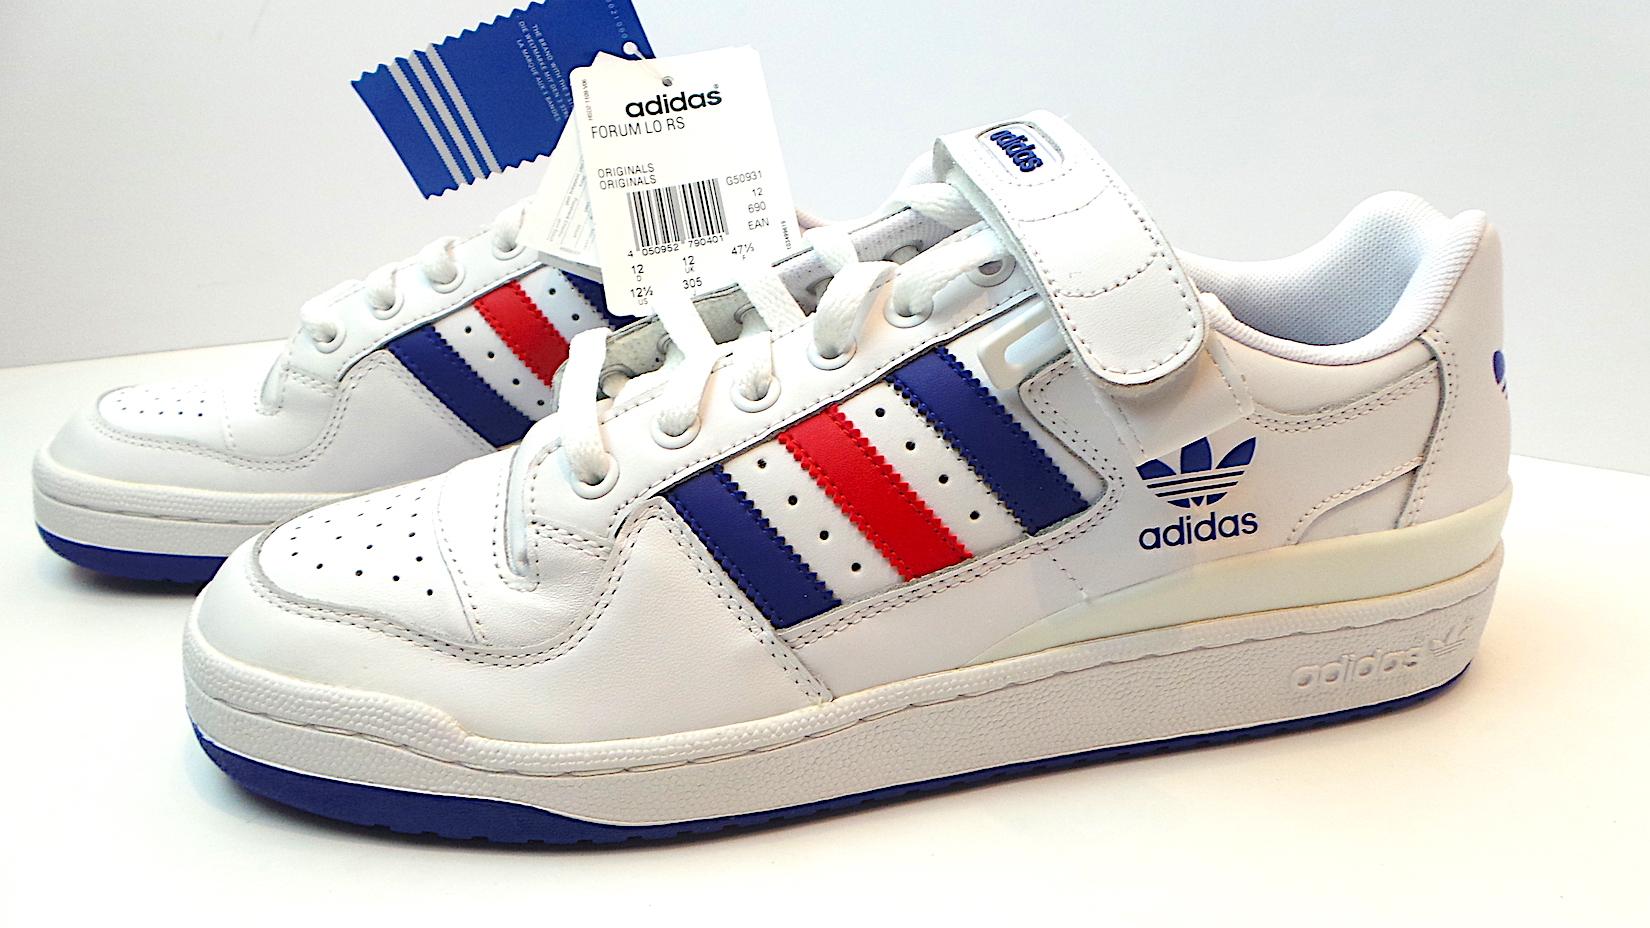 SCARPE NUMERI GRANDI delpopoloshop Adidas,adidas ALTE